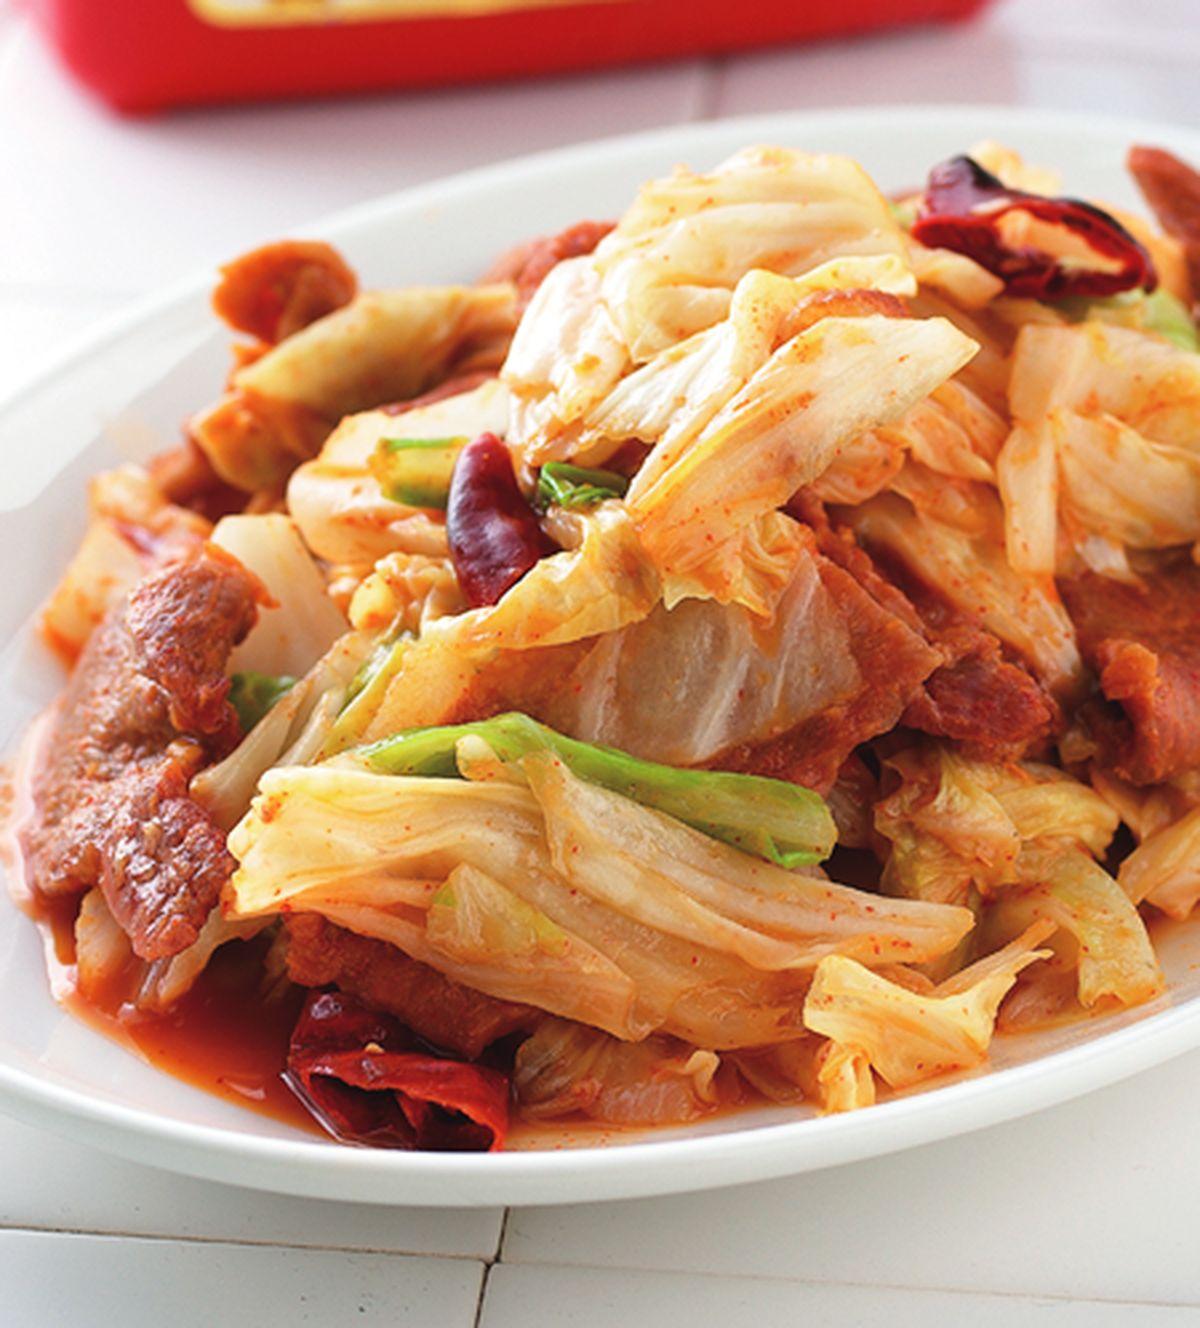 食譜:辣炒回鍋肉